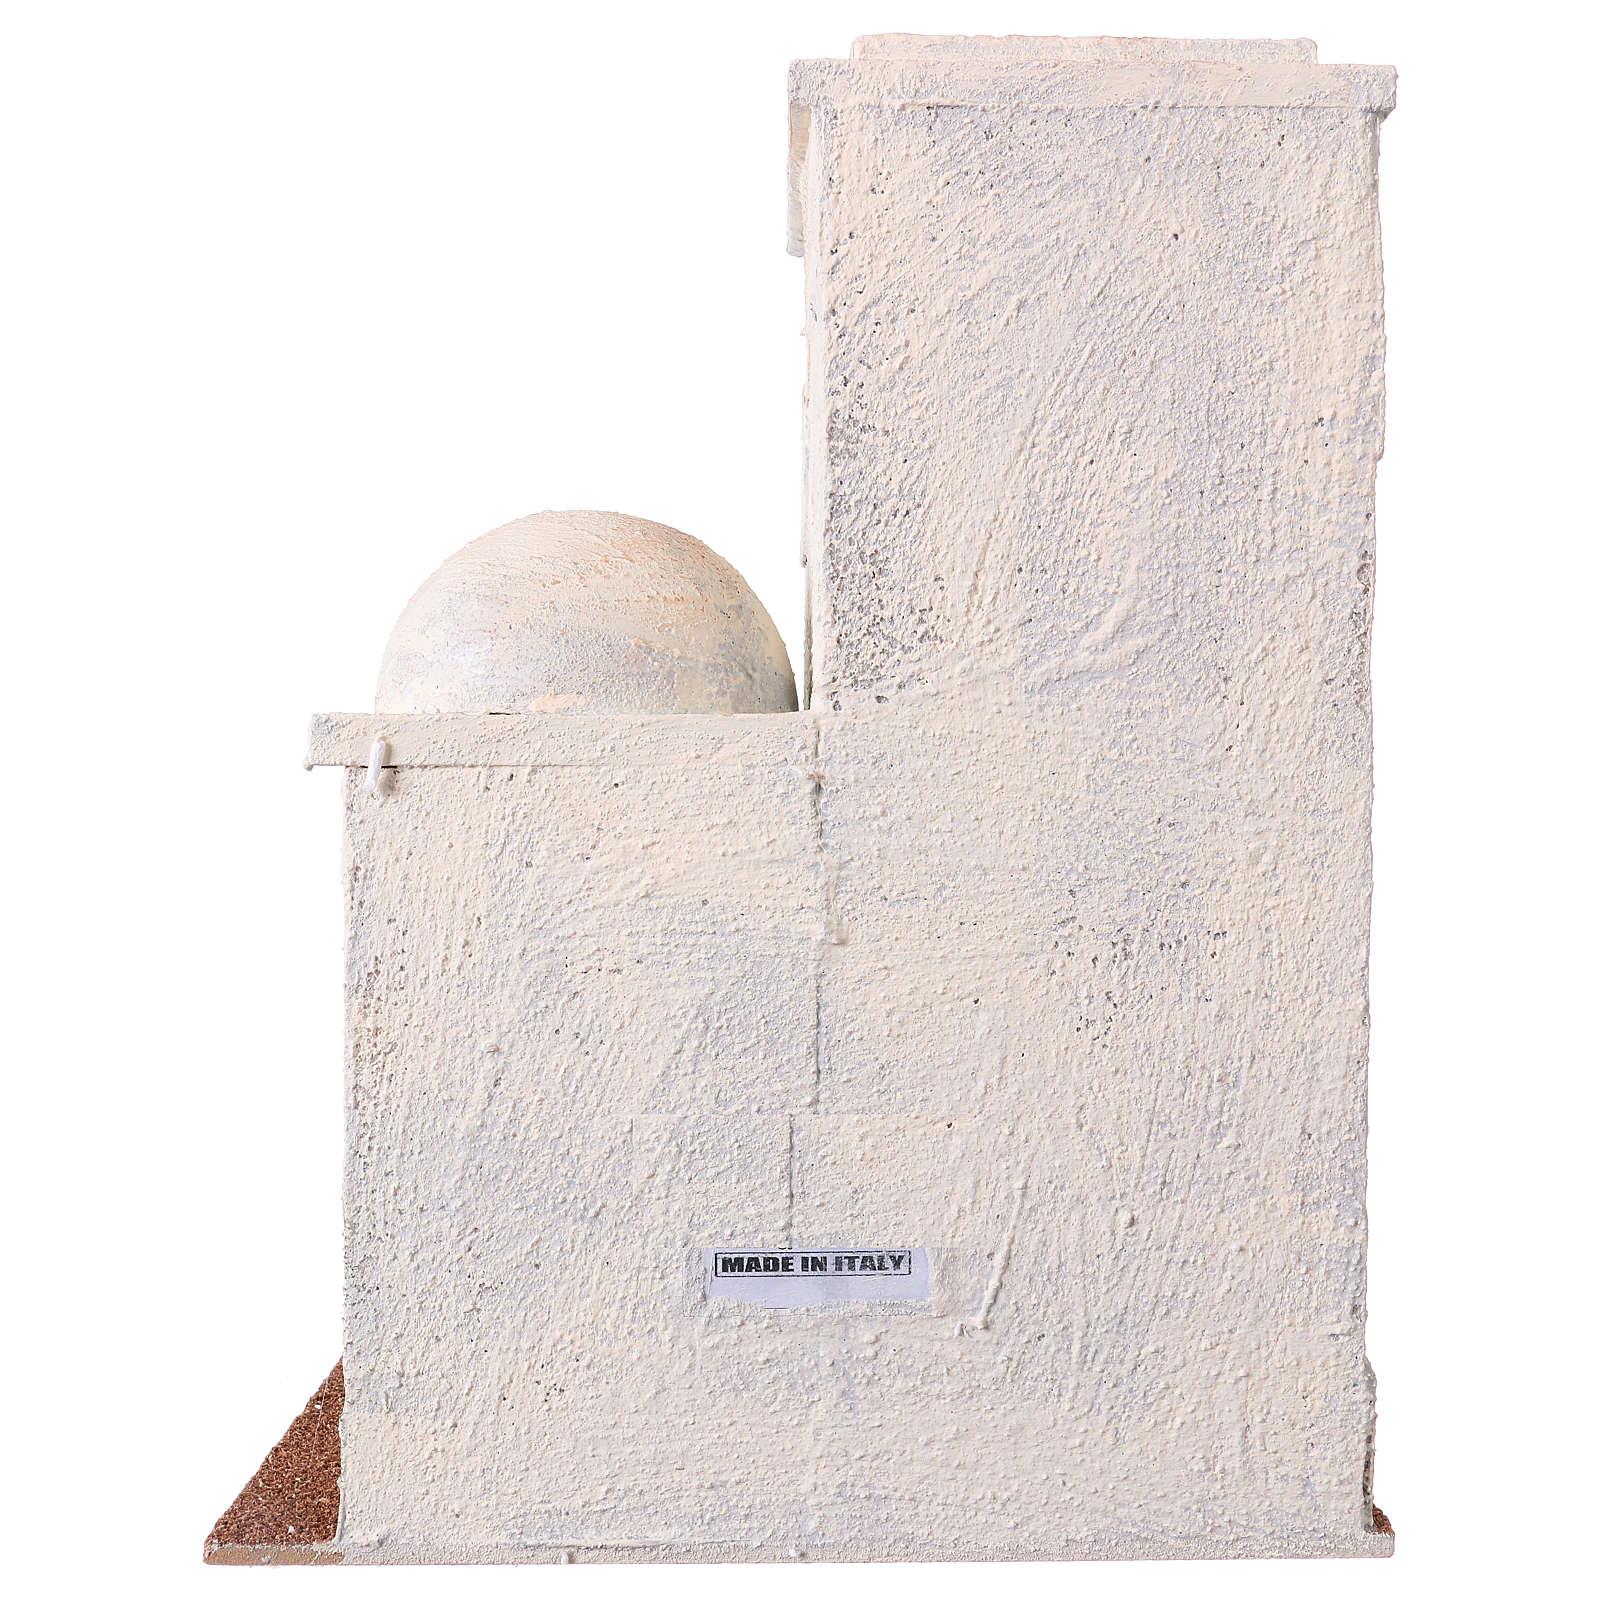 Casetta stile palestinese 30x25x15 per presepi di 10 cm 4